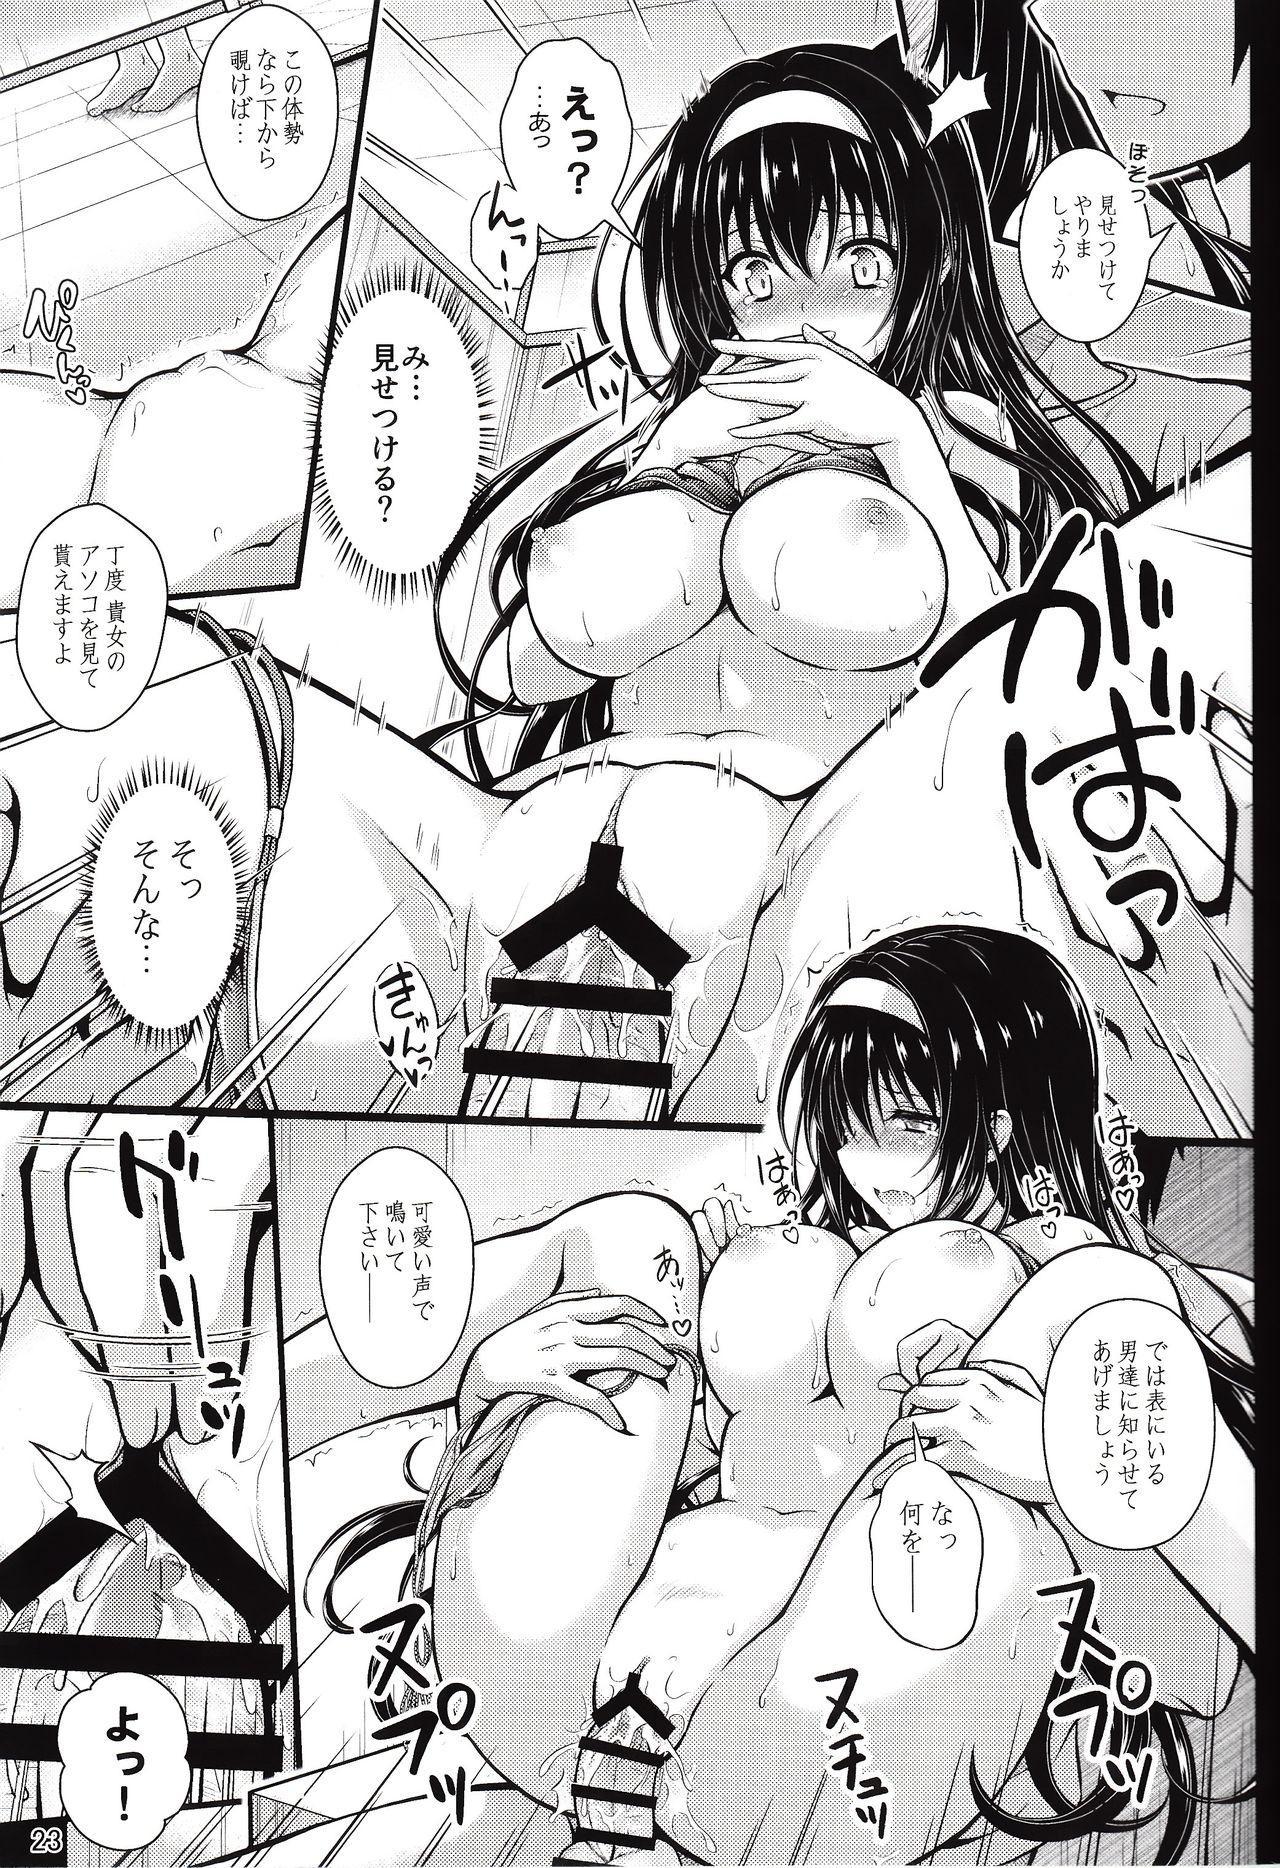 Yakusoku no Yukue 21